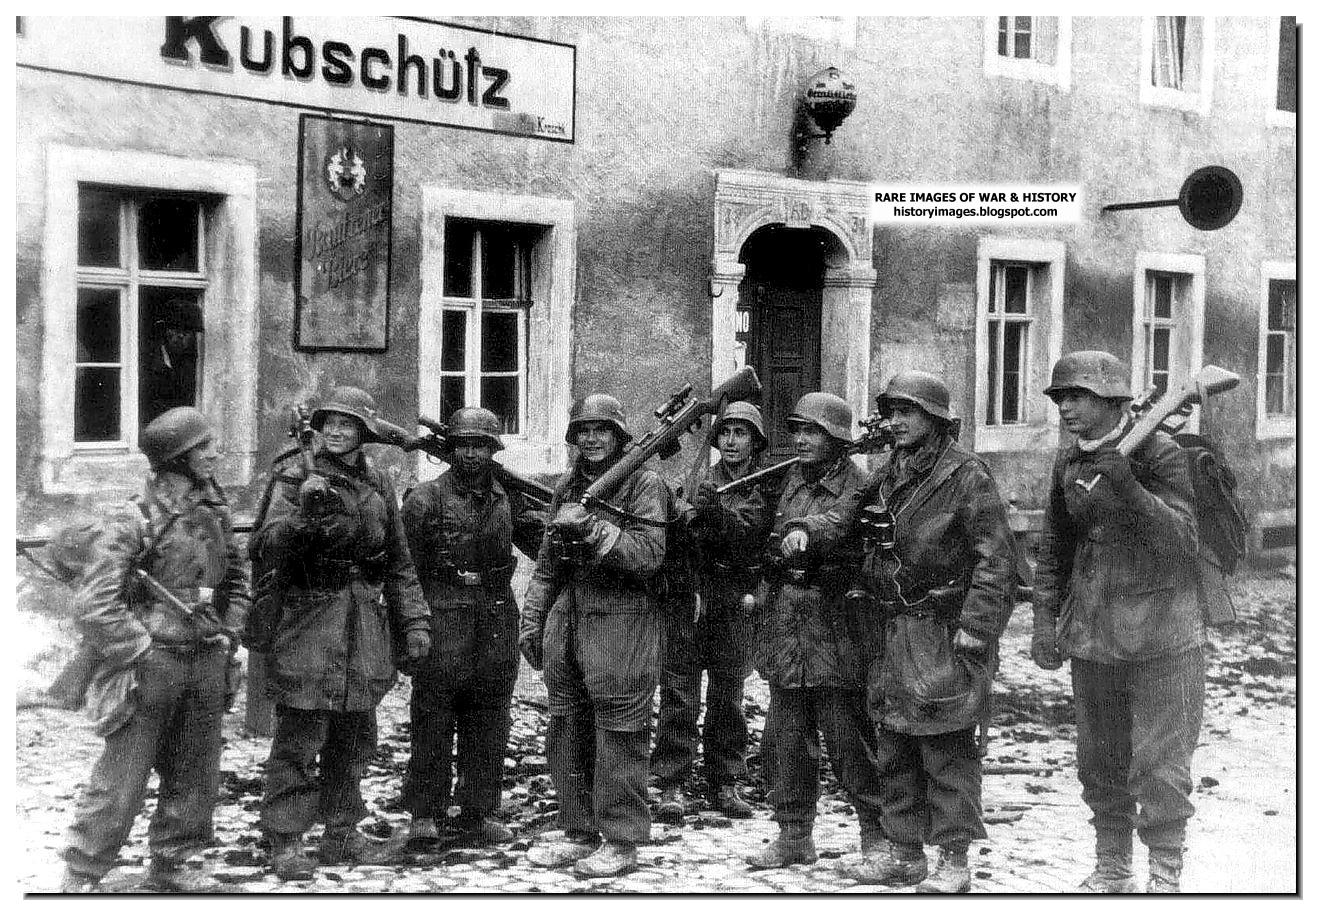 Battle Bautzen 1945 Battle-of-bautzen-german